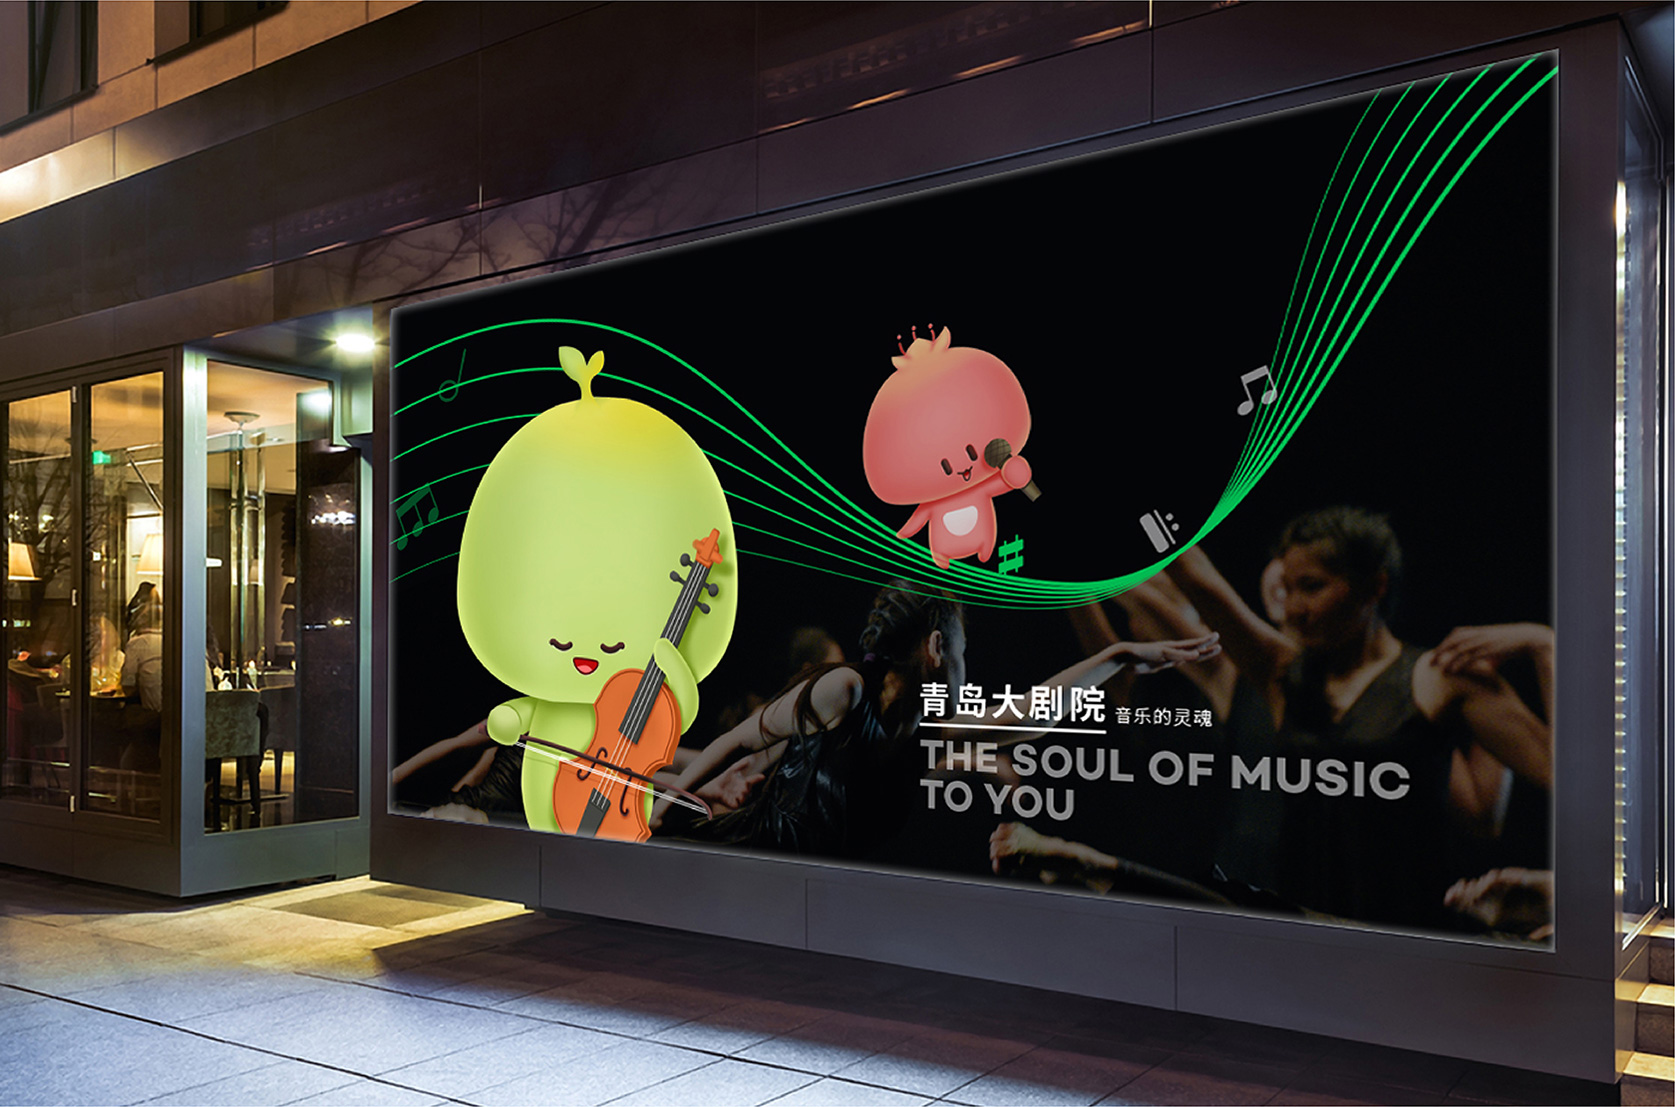 【便利店 教育 医疗】卡通形象设计 卡通LOGO延伸周边设计